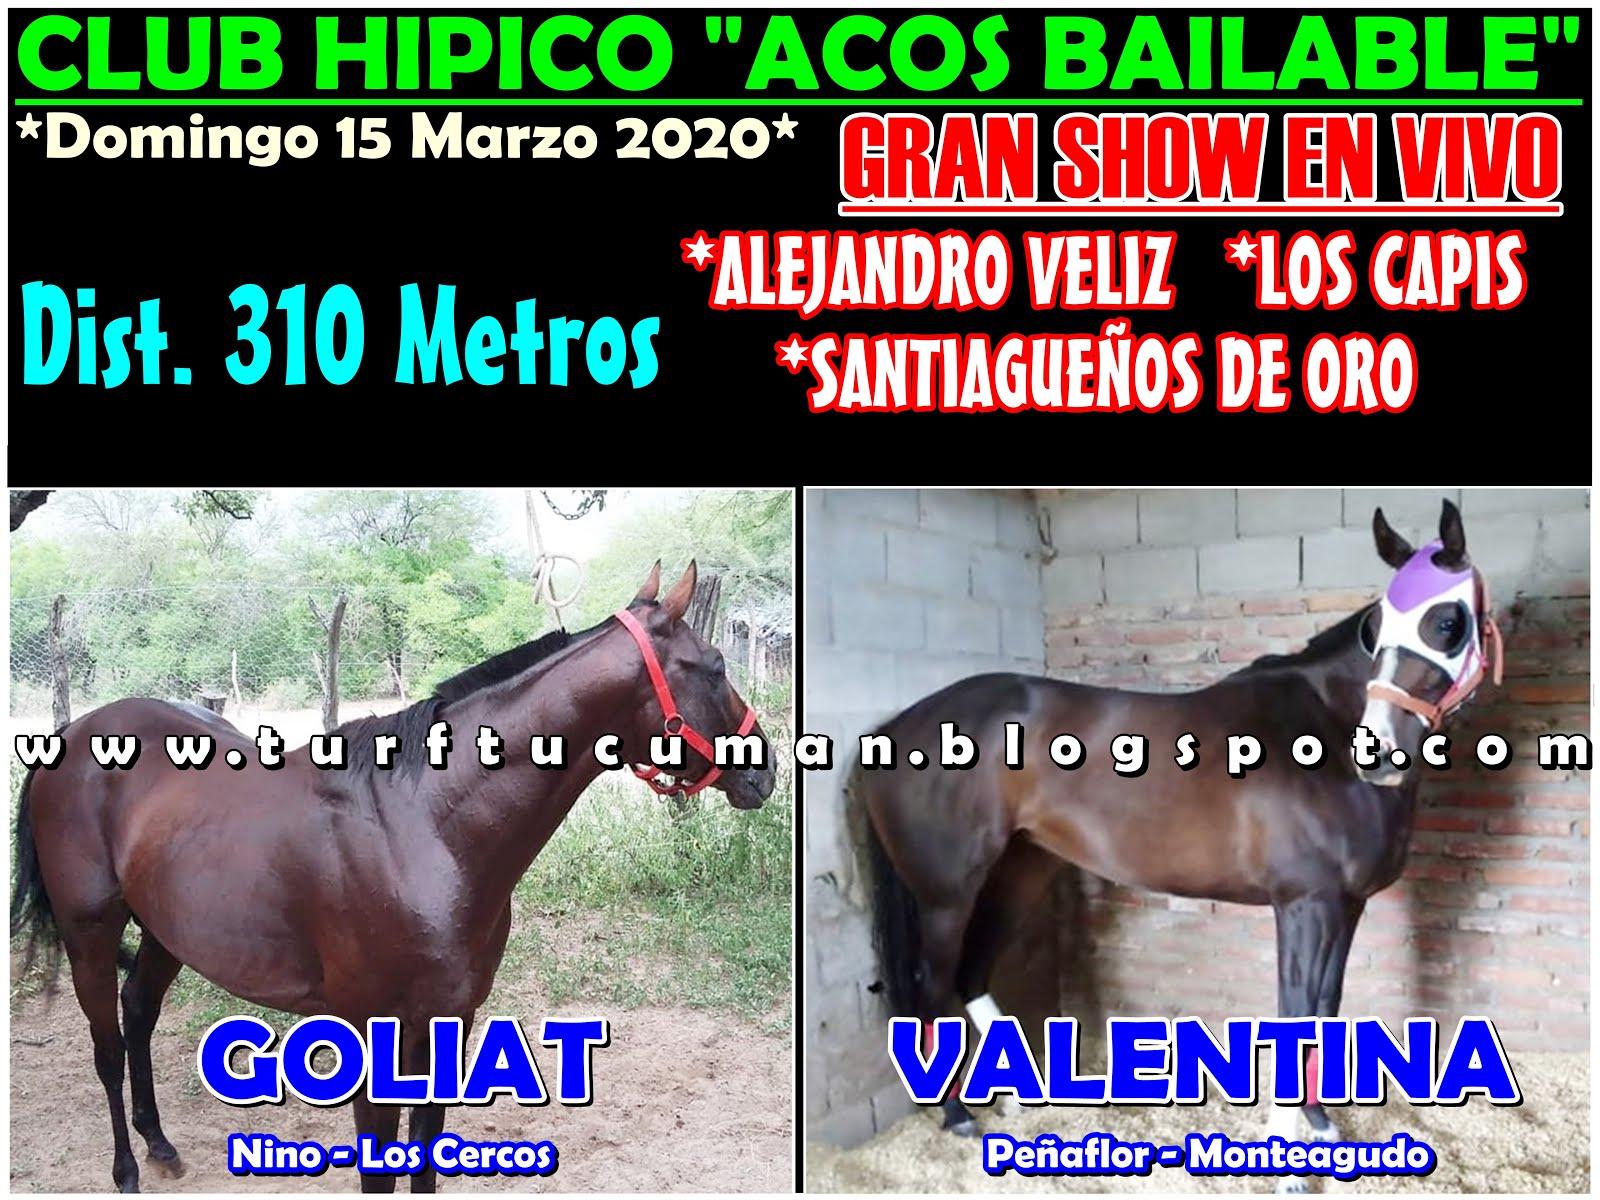 GOLIAT VS VALENTINA